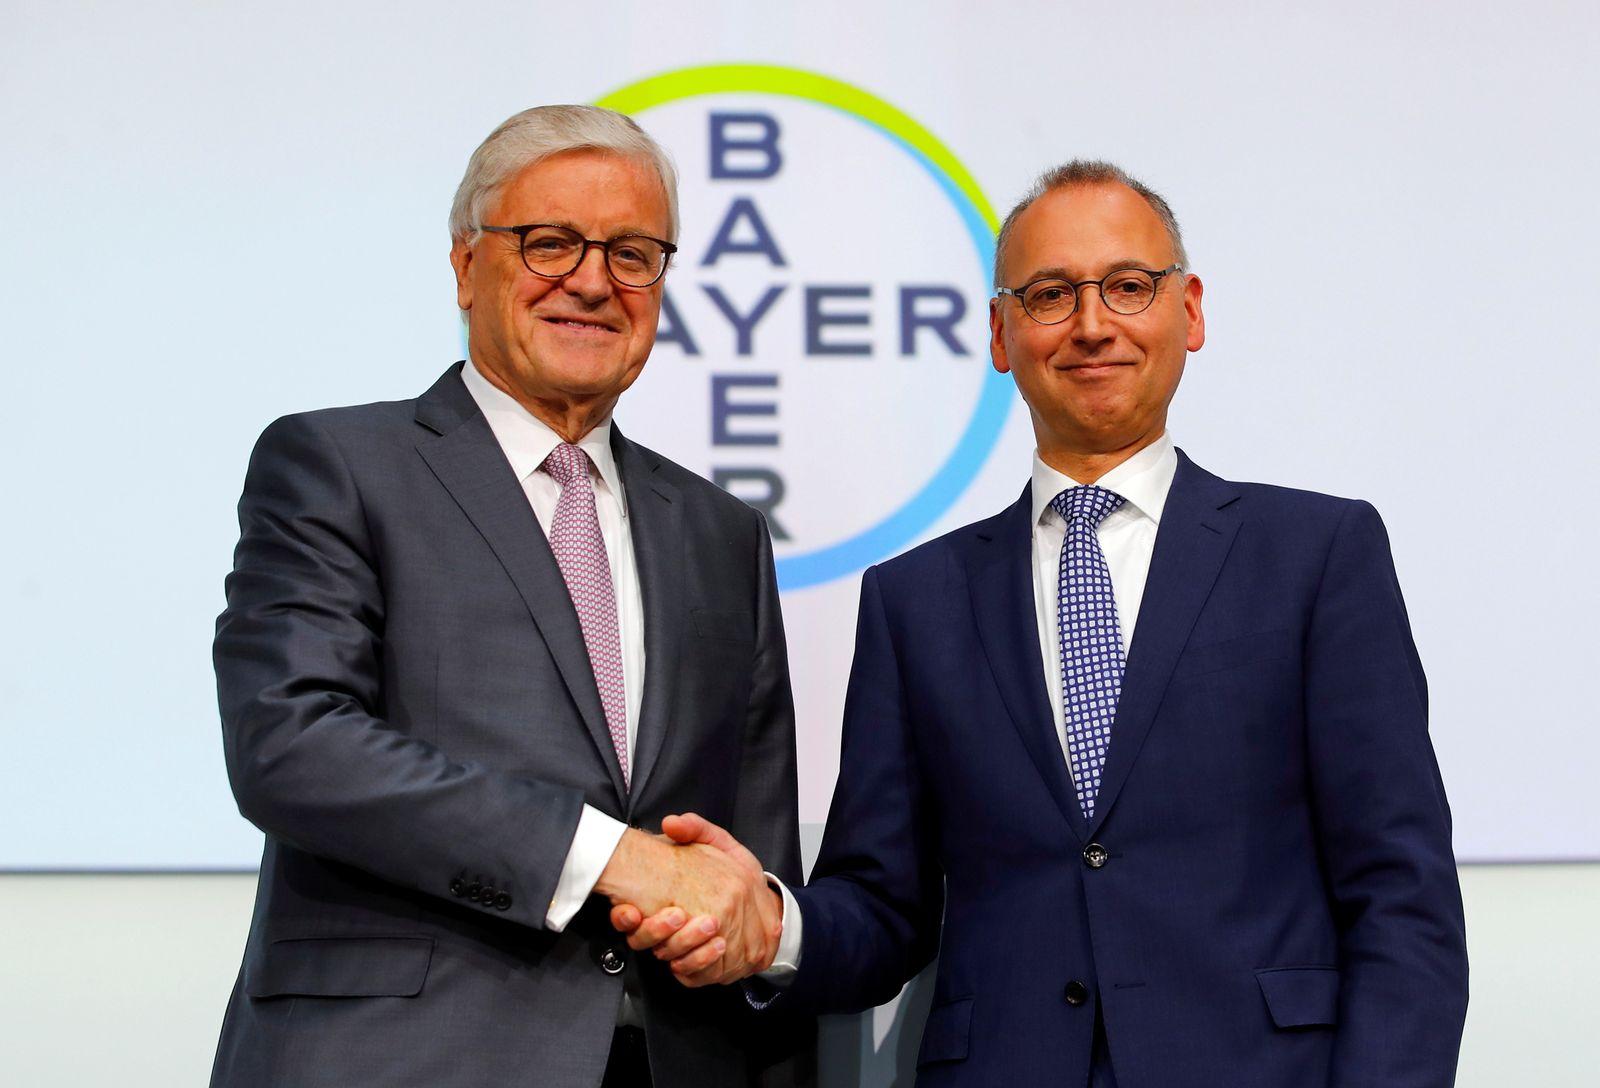 Werner Wenning / Werner Baumann / Bayer HV 2019